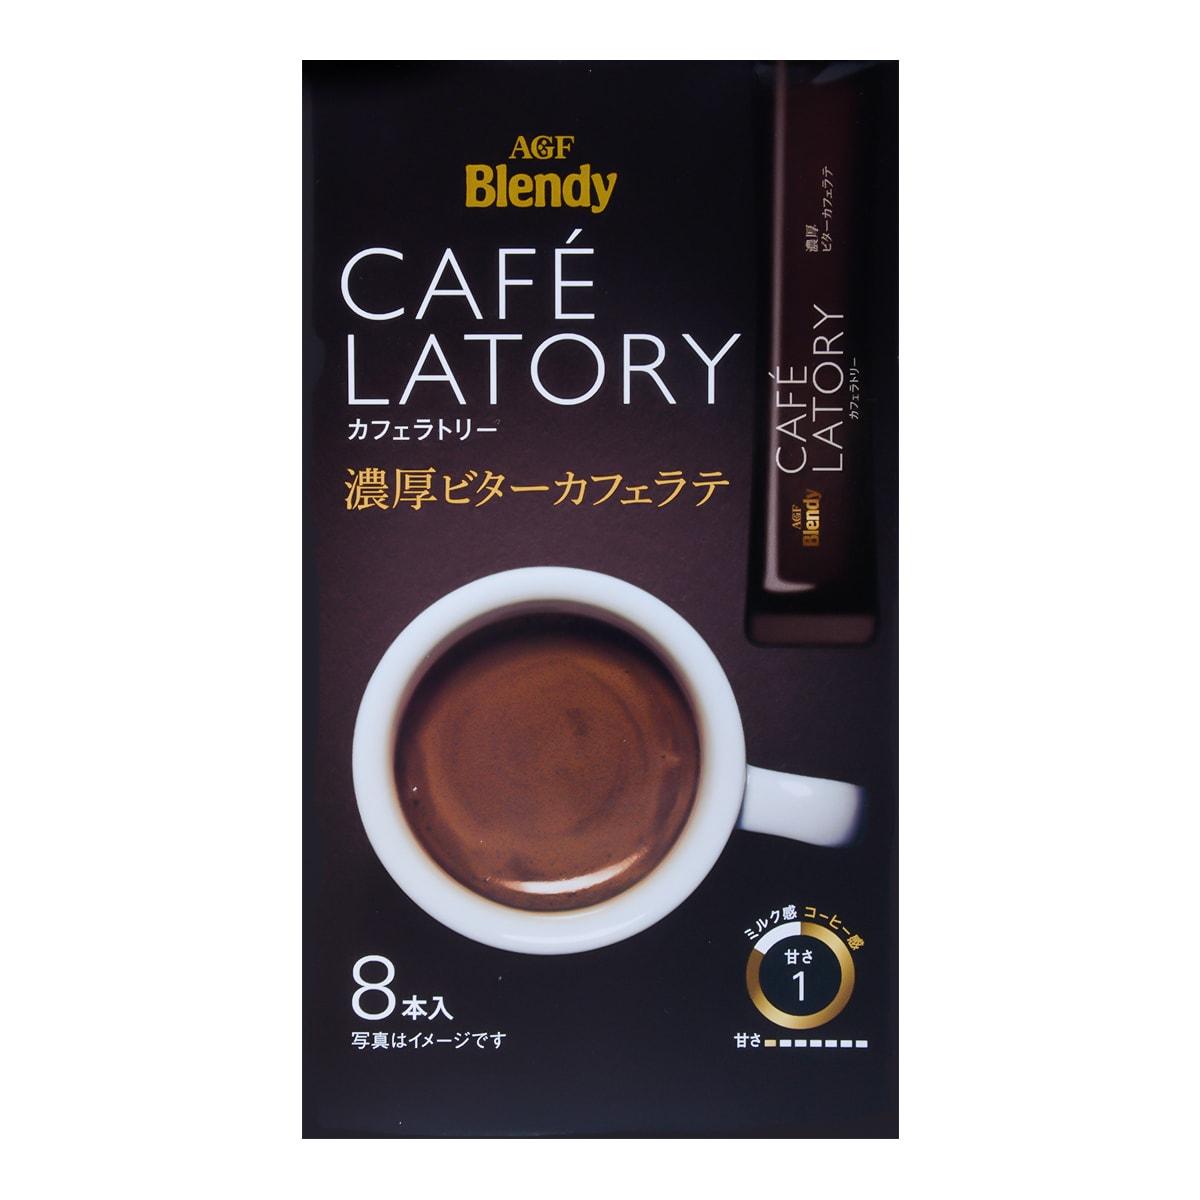 日本AGF Blendy CAFE LATORY 浓厚黑拿铁咖啡 8条入 64g